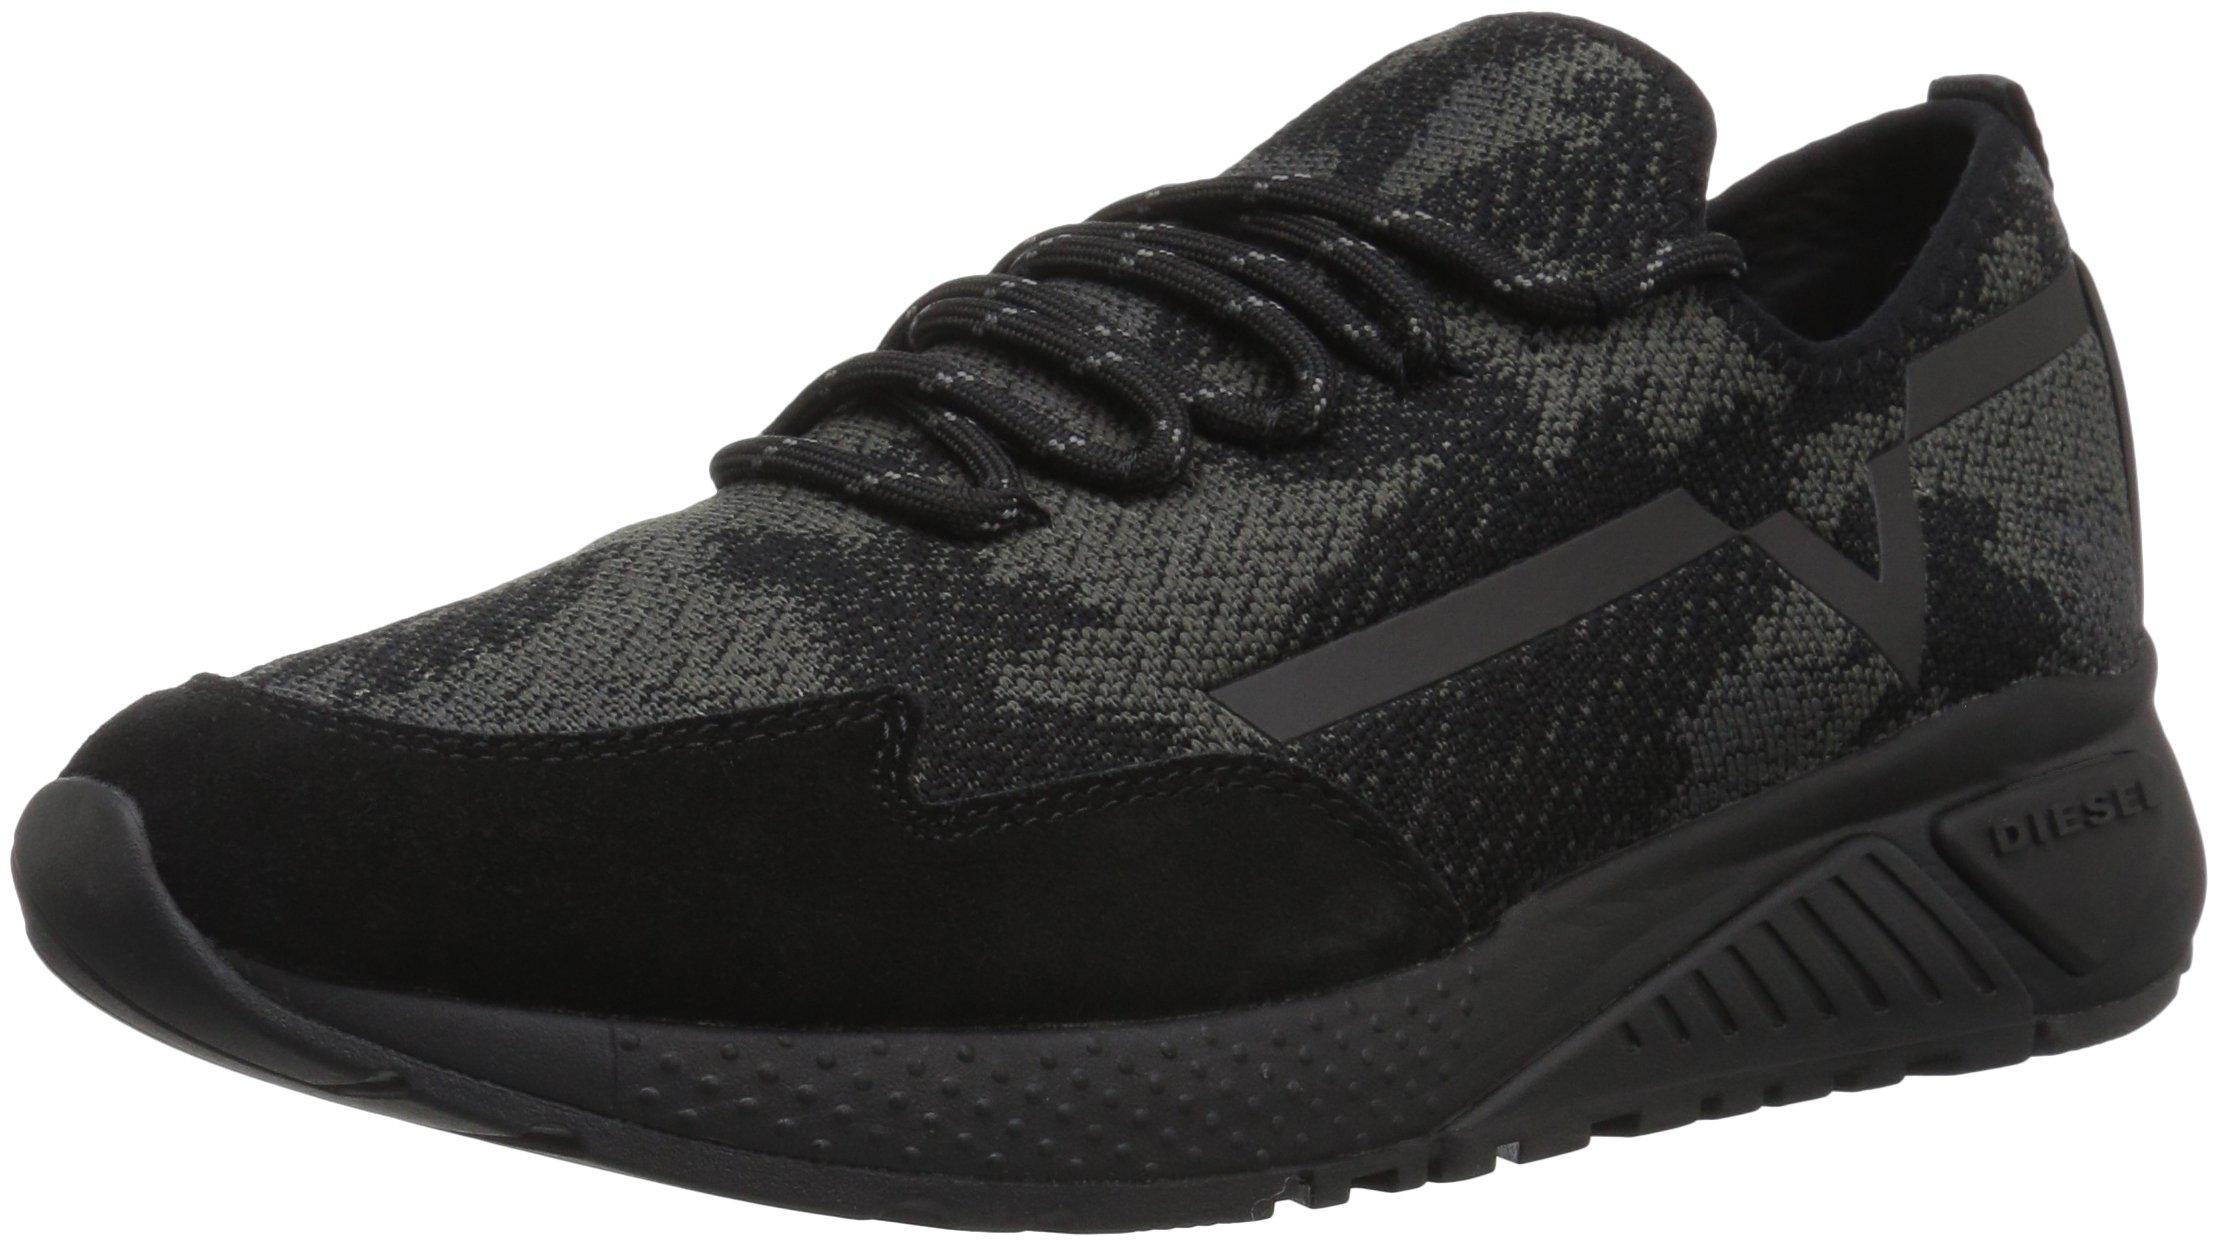 Diesel Men's SKB S-KBY Sneaker, Black, 7.5 M US